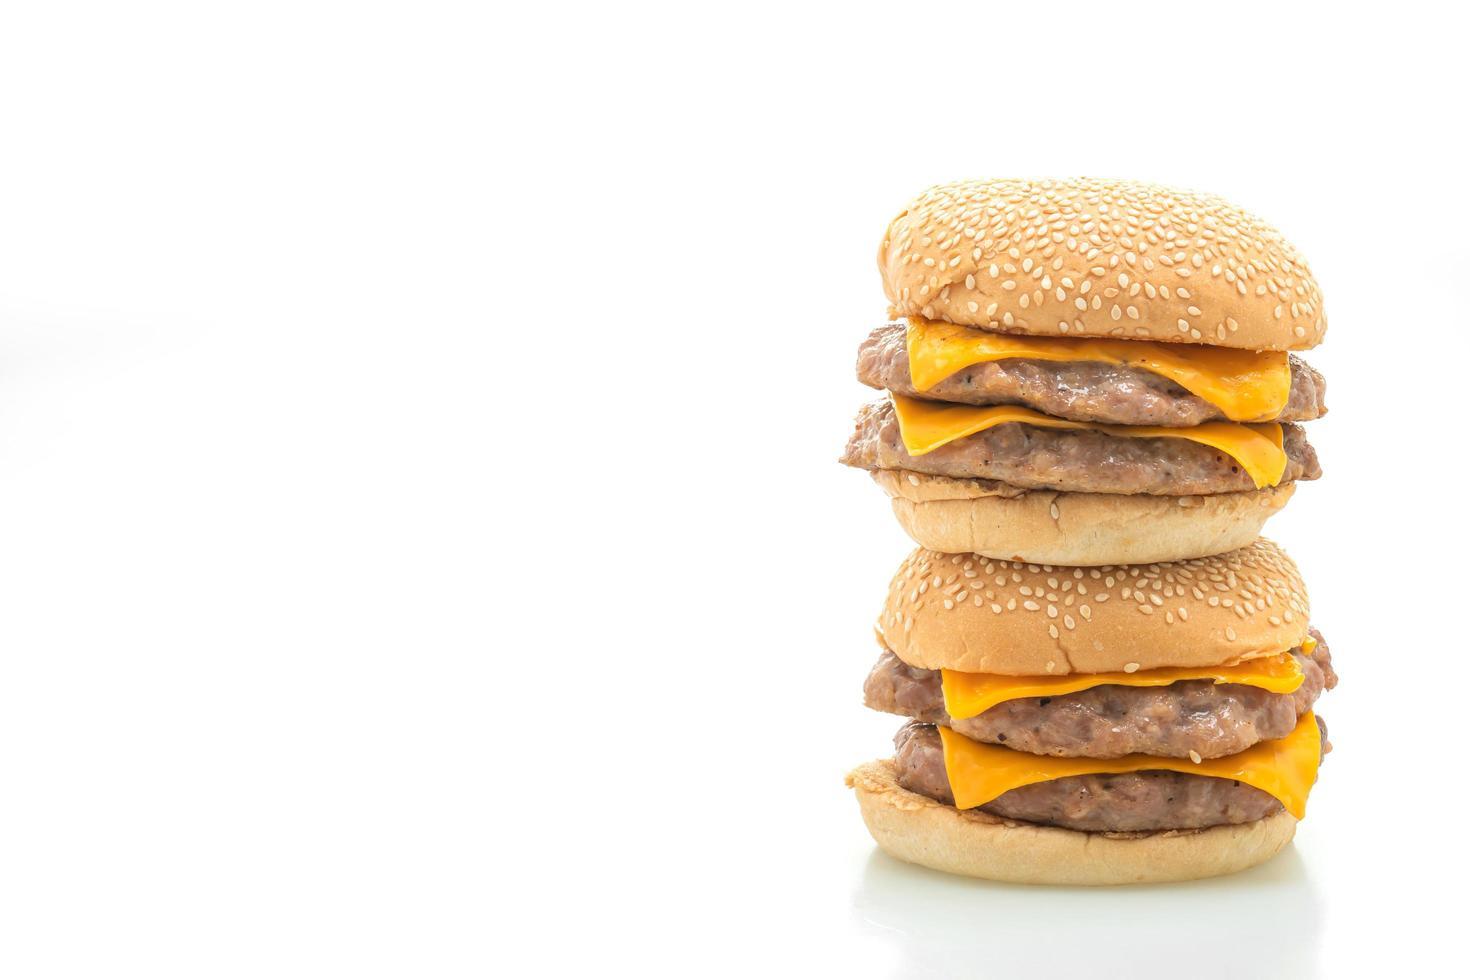 Schweinefleisch-Hamburger oder Schweinefleisch-Burger mit Käse isoliert auf weißem Hintergrund foto